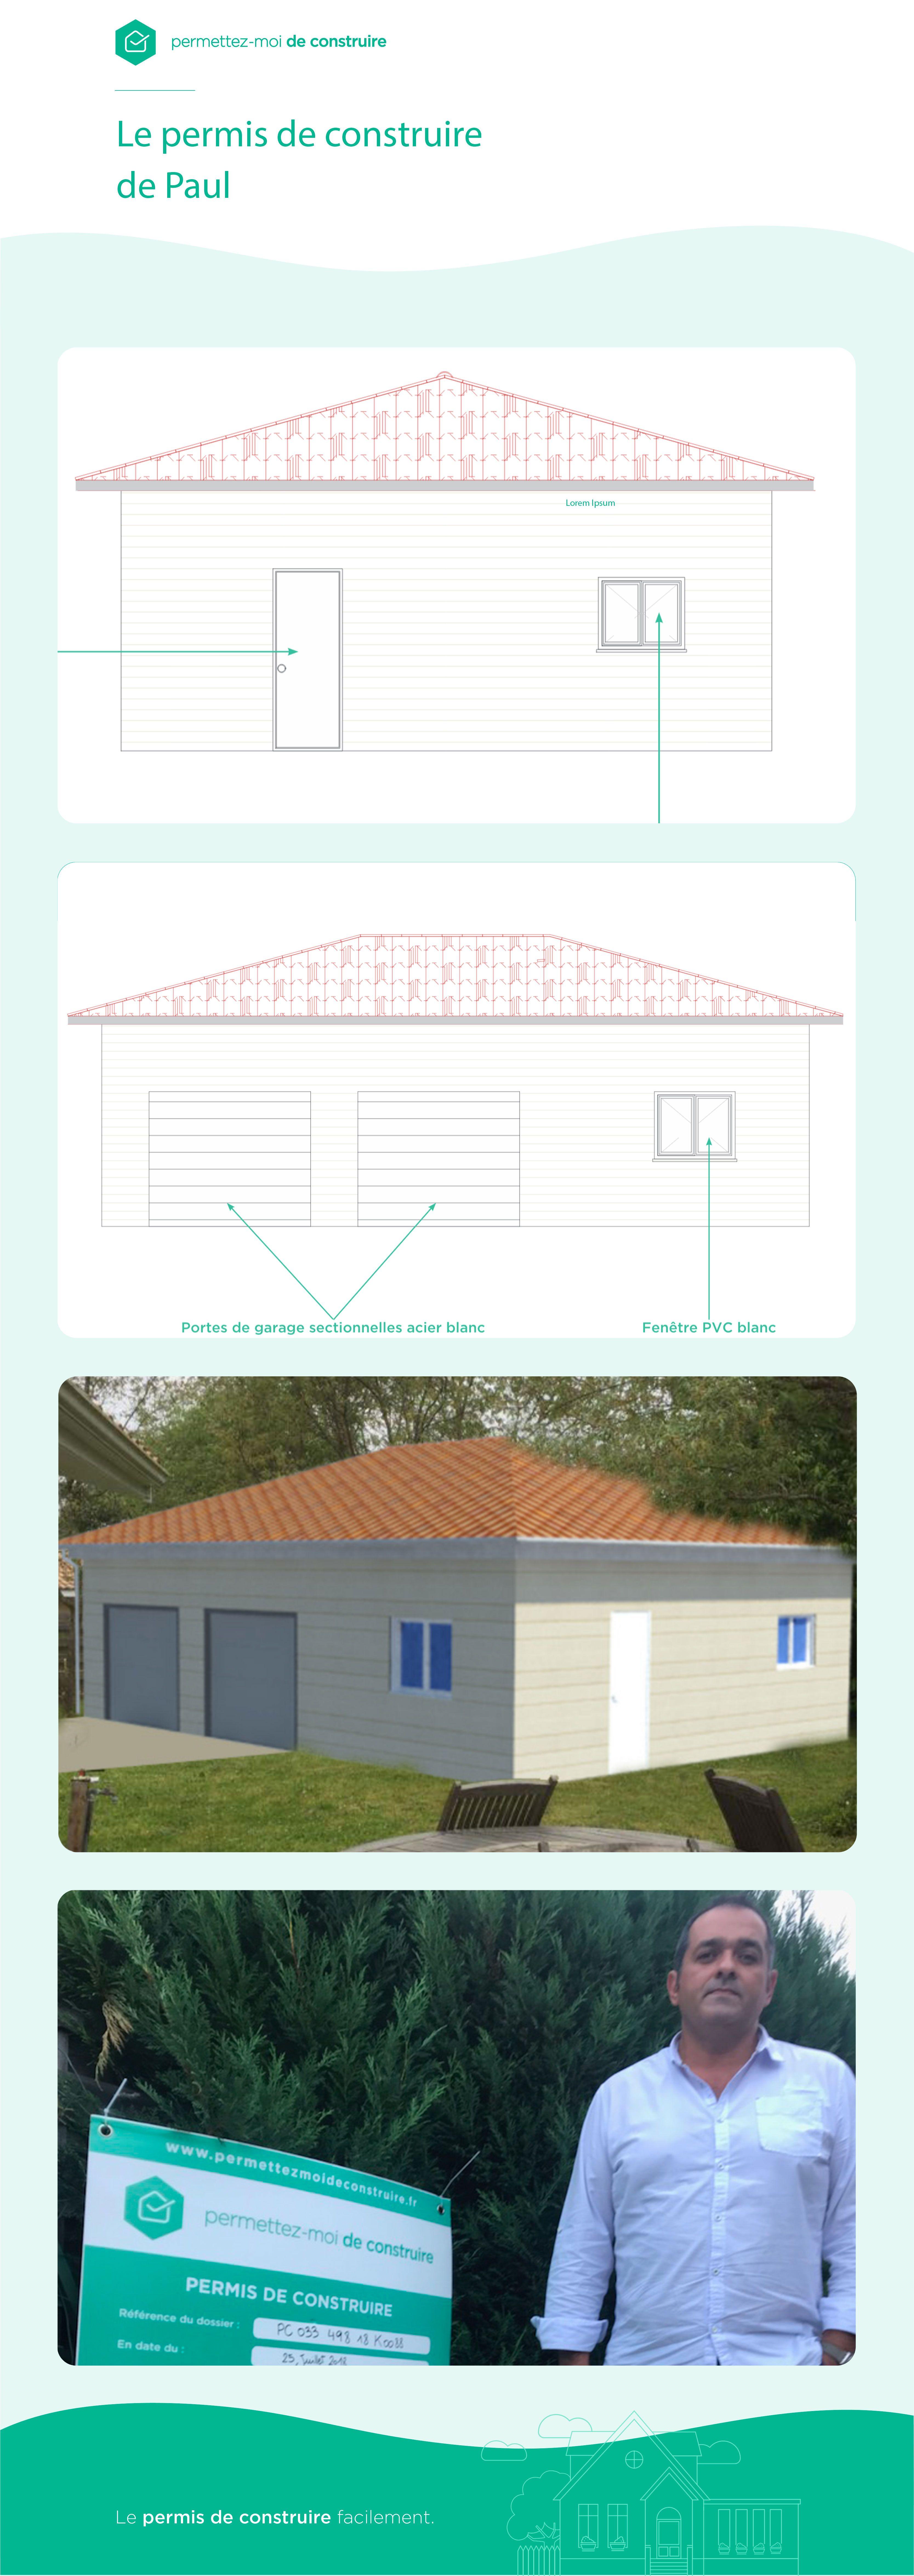 Couvrir Une Terrasse Permis De Construire 61 meilleures images du tableau les permis de construire